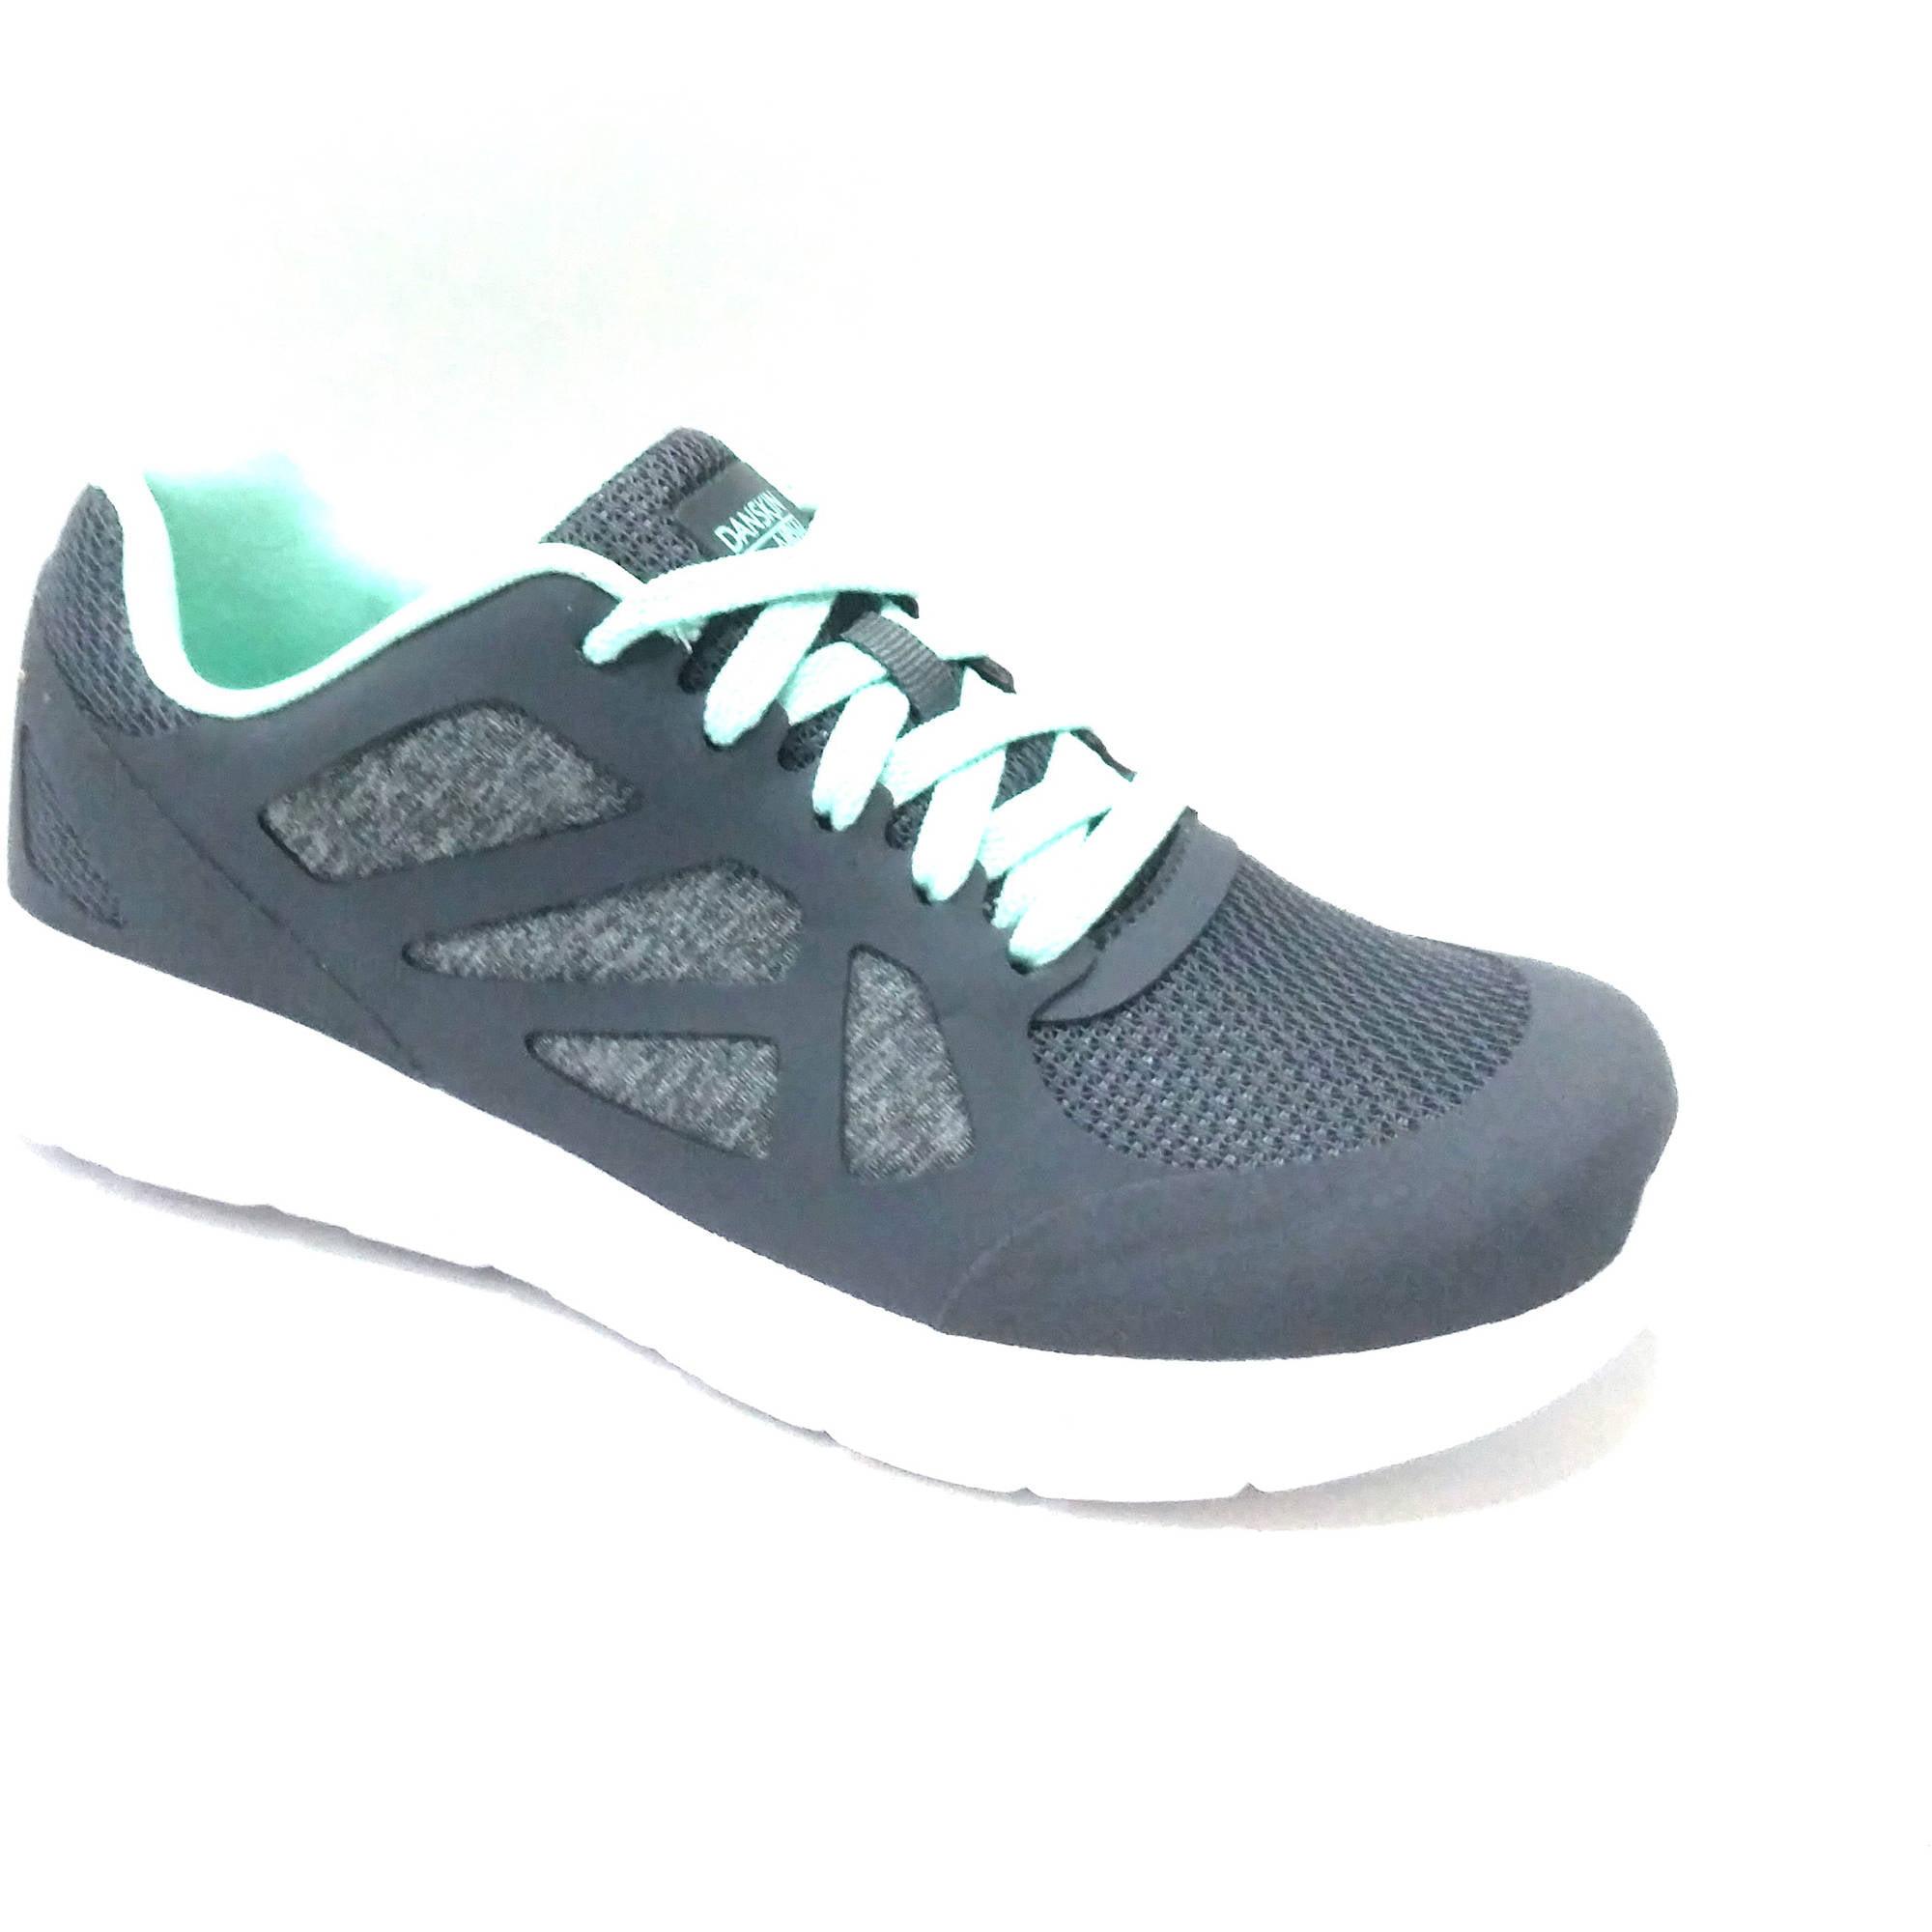 Danskin Now Womens Lightweight Tech Running Shoe by